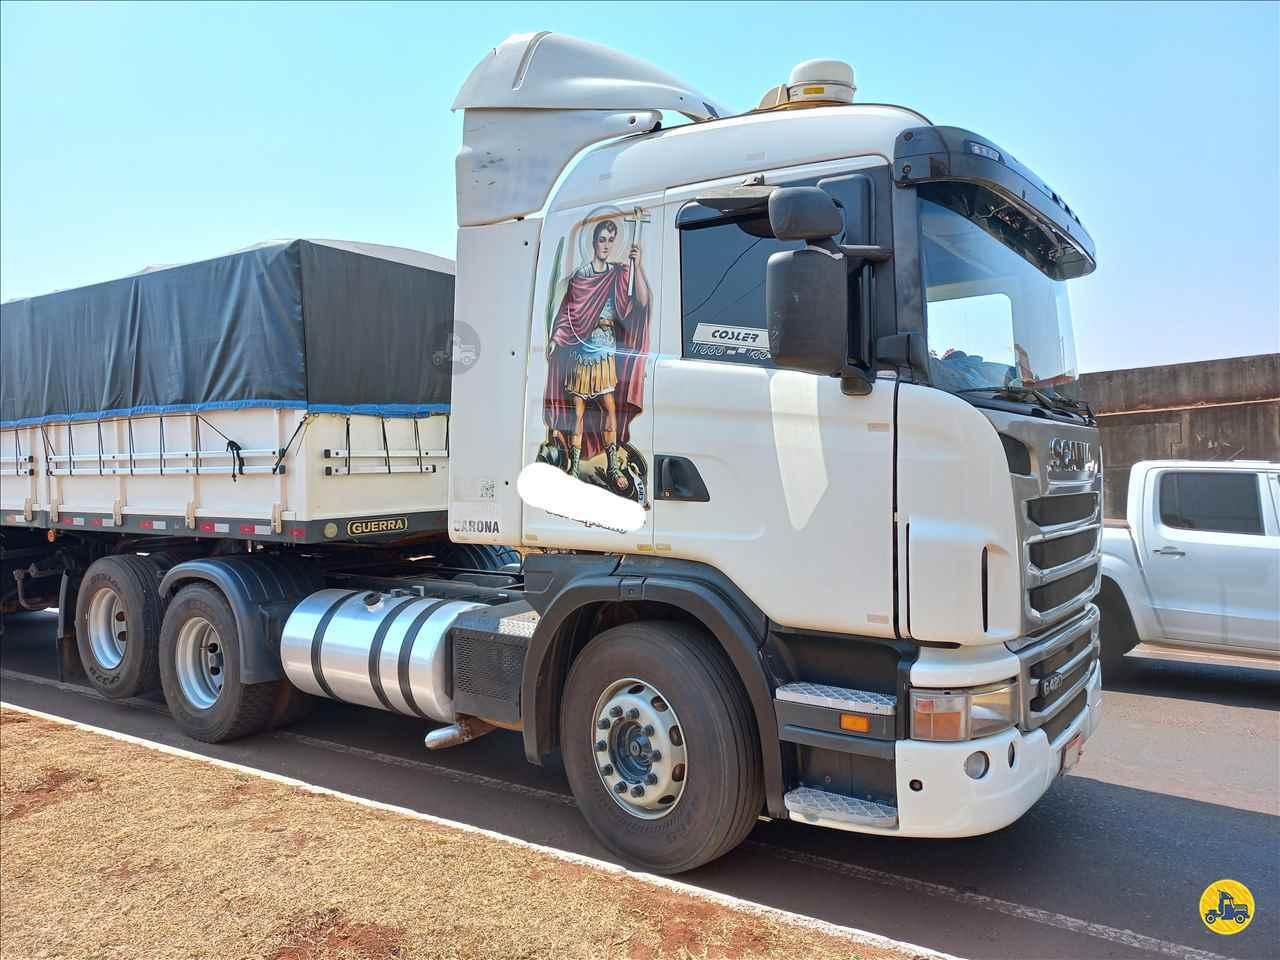 CAMINHAO SCANIA SCANIA 420 Cavalo Mecânico Truck 6x2 André Caminhões RIO VERDE GOIAS GO